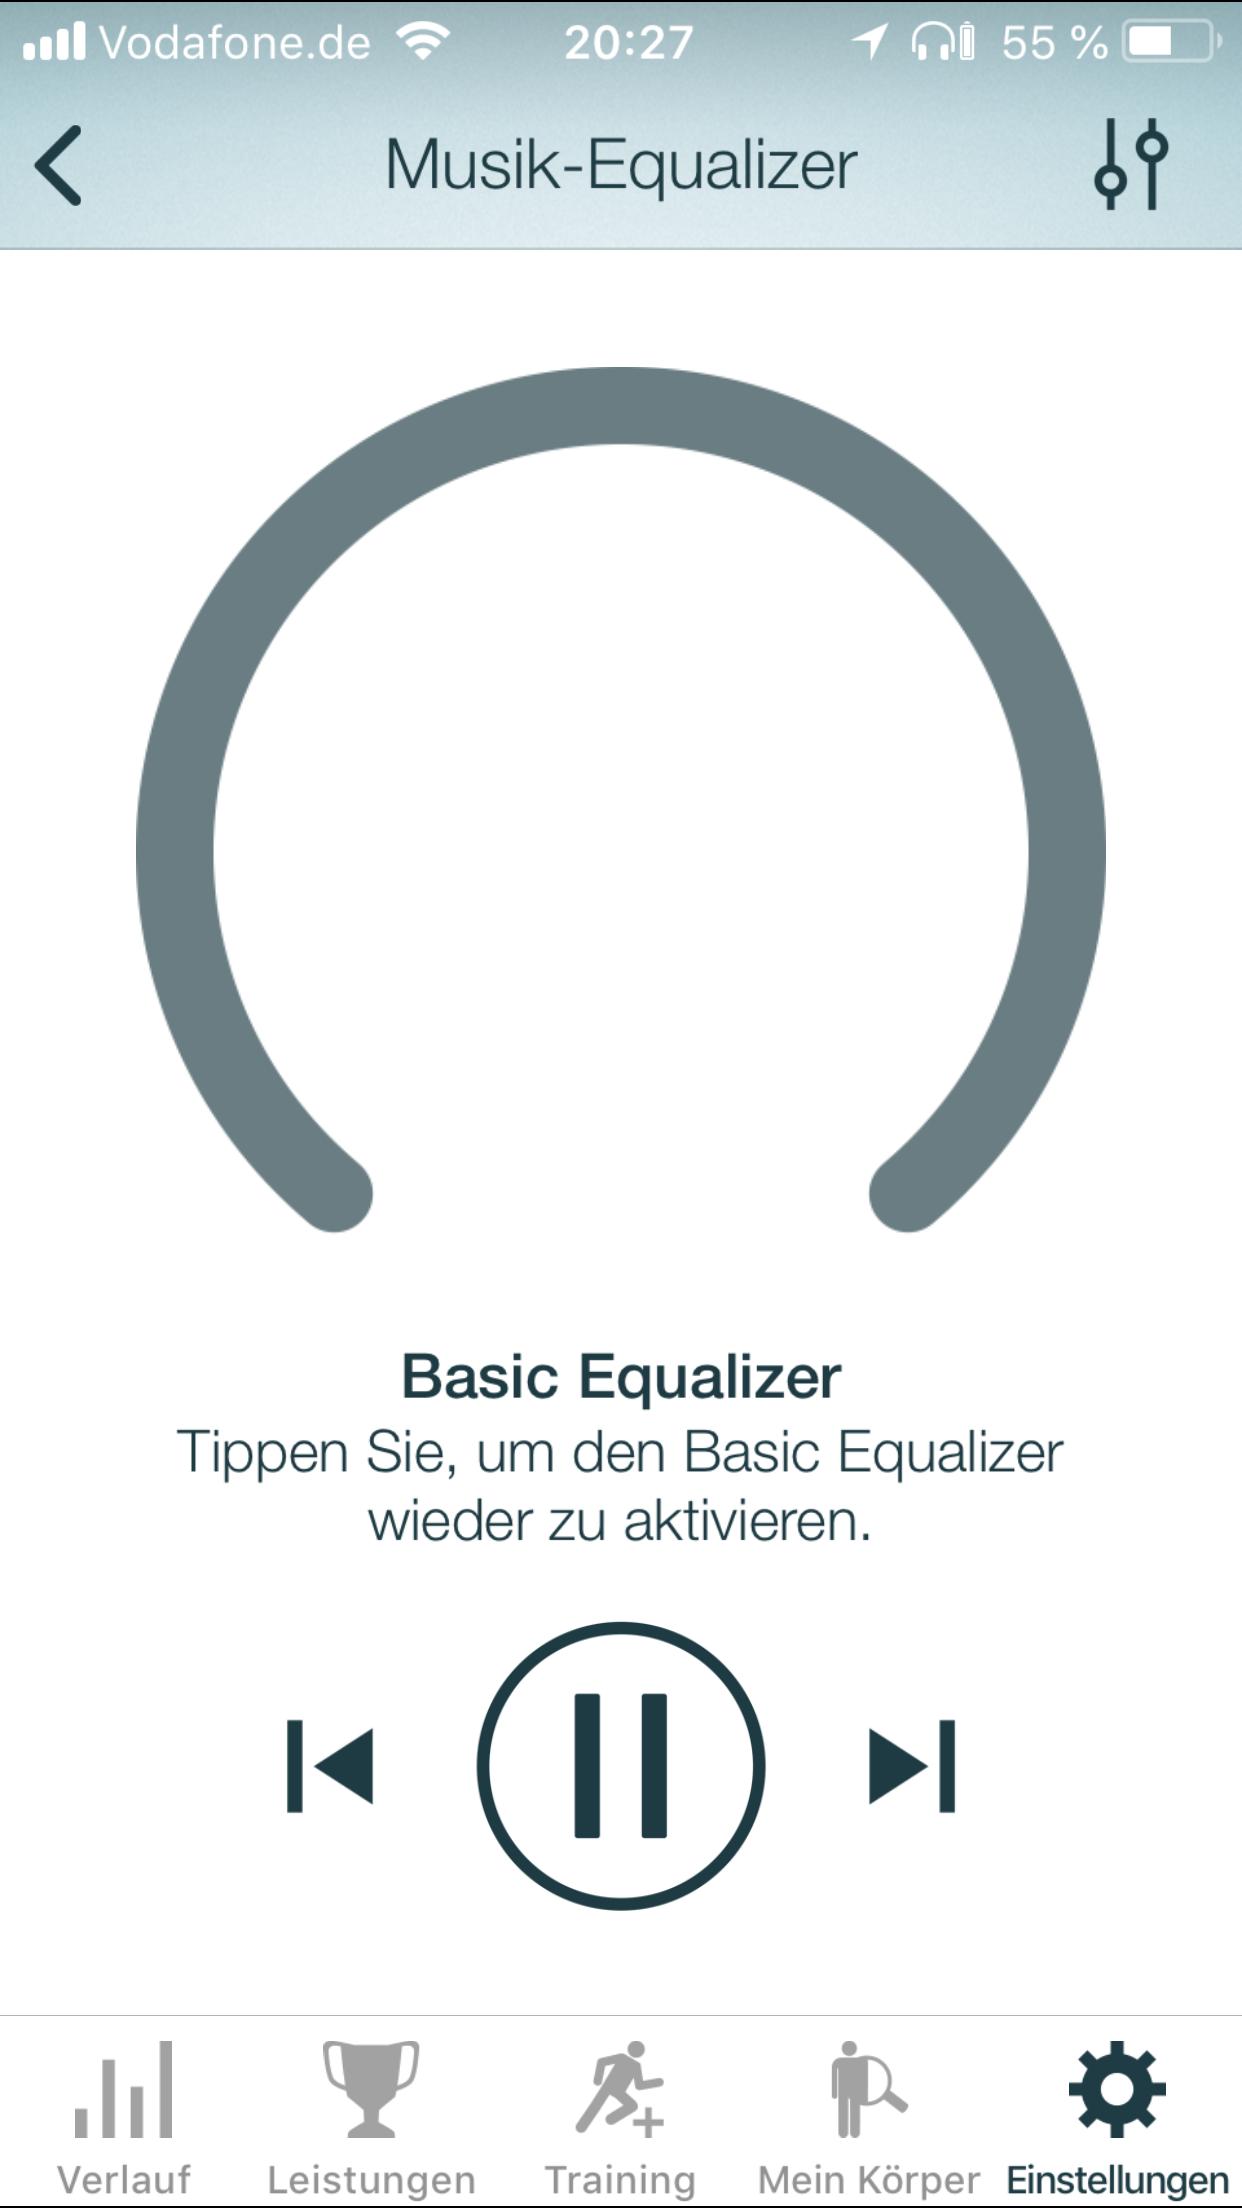 Basic Equalizer - Jabra Elite Sport